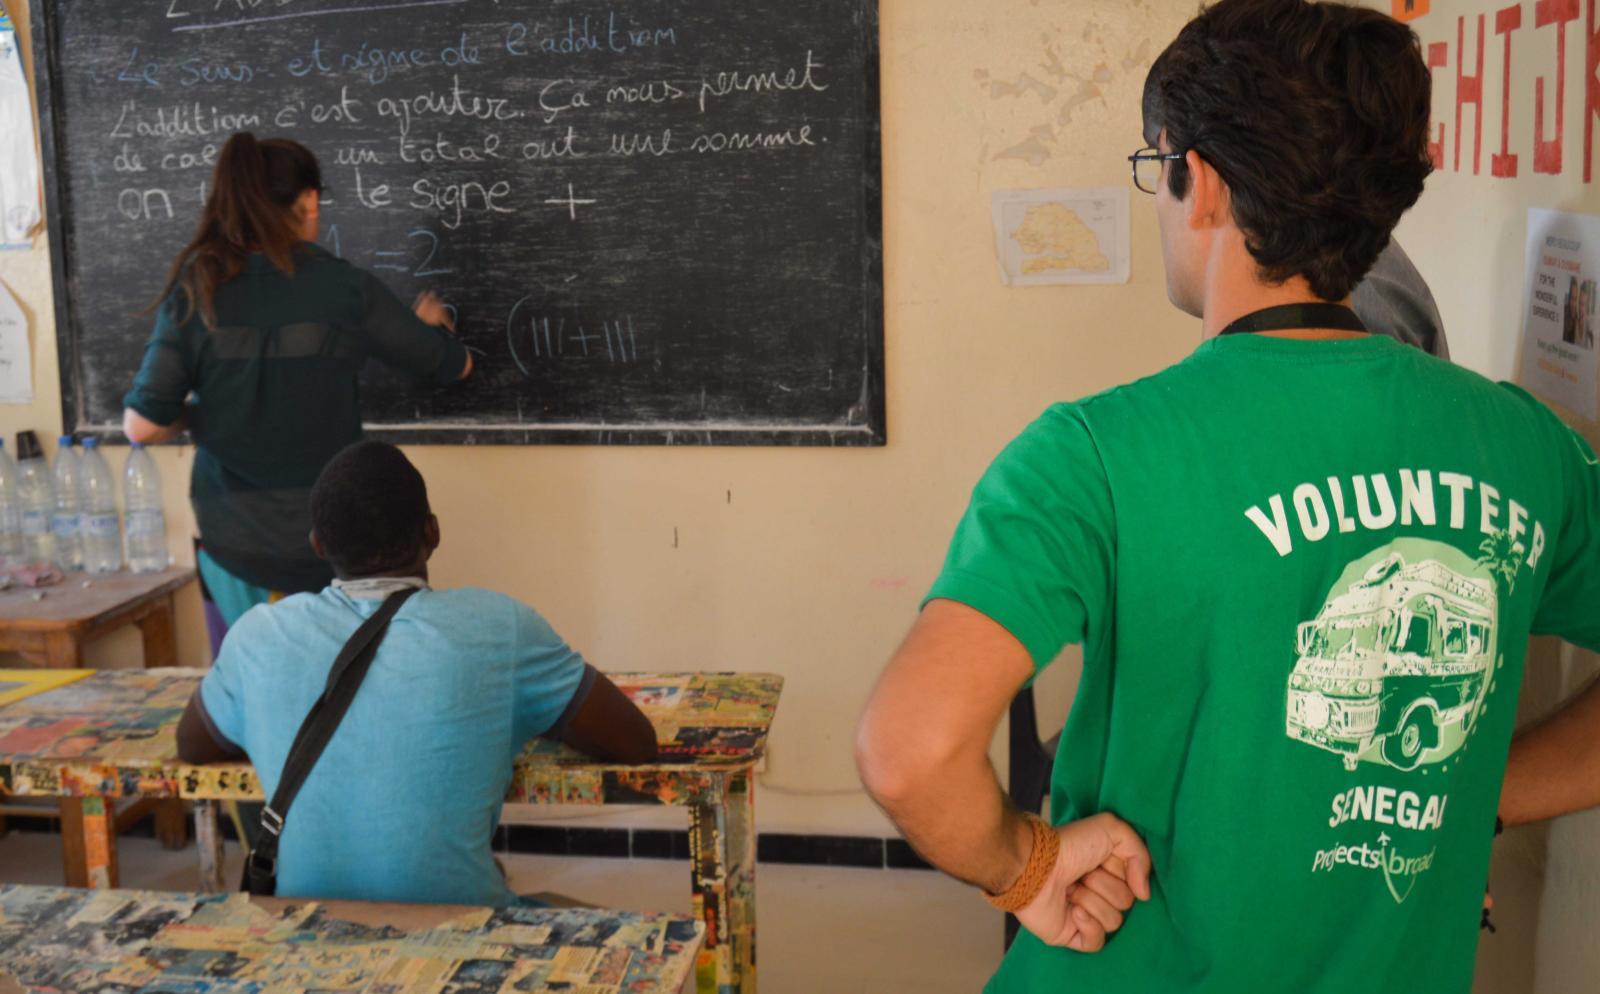 Les volontaires de Projects Abroad donnent à un auto-entrepreneur local des cours de mathématiques au Sénégal